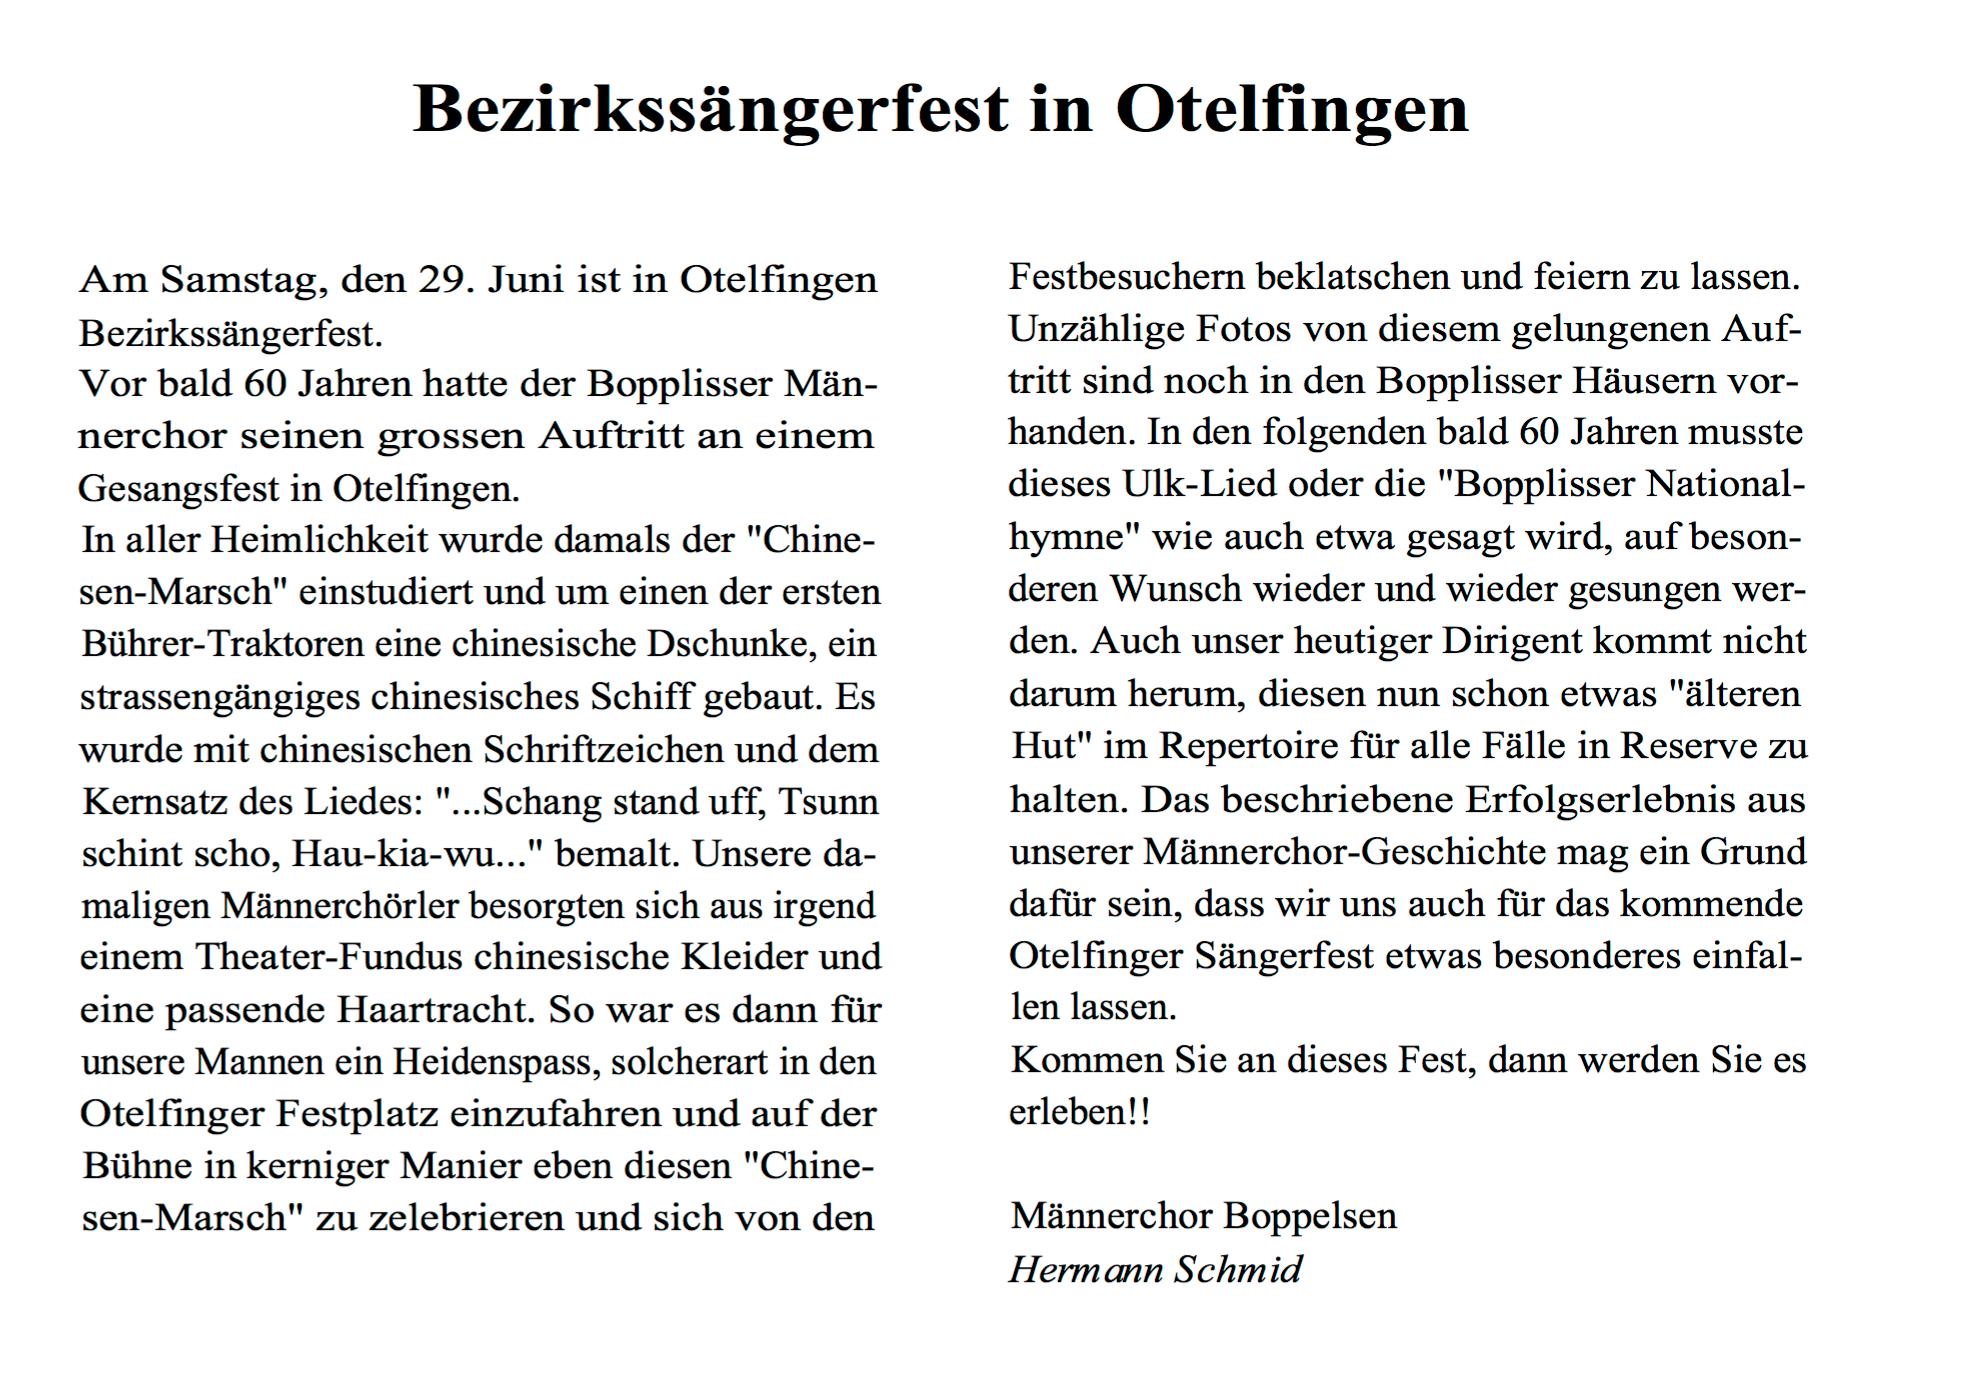 Bericht von Hermann Schmid in der BOZY 3/96 zum Bezirkssängerfest 1938::BOZY 3/96